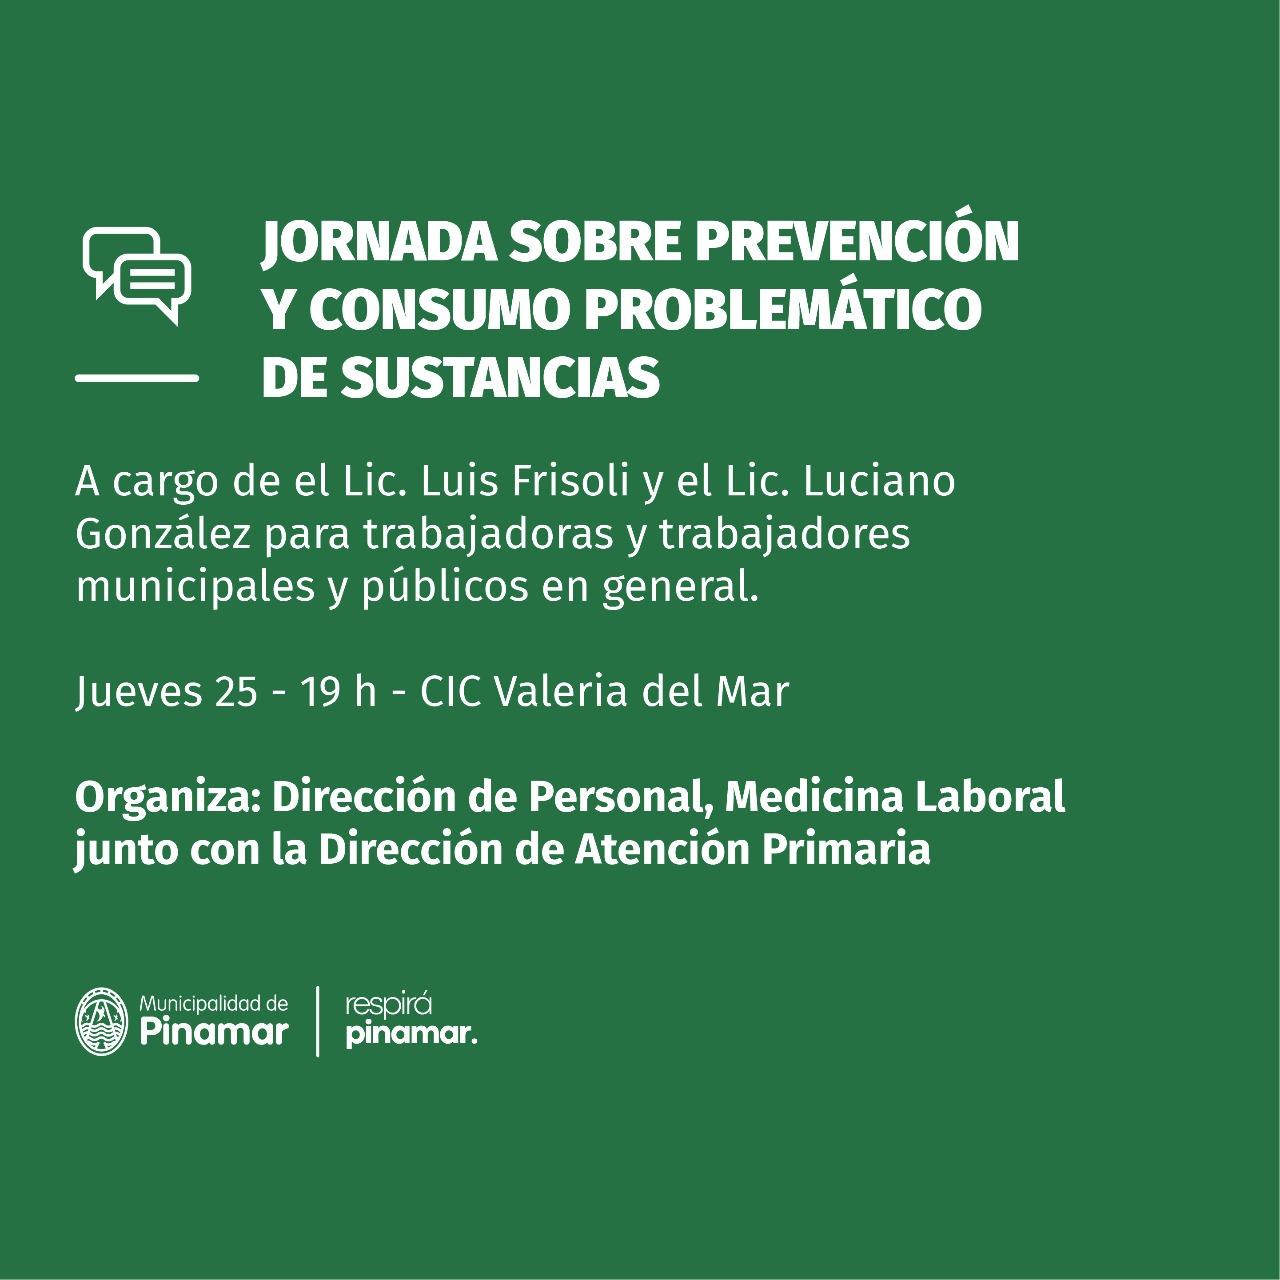 JORNADA SOBRE PREVENCIÓN Y CONSUMO PROBLEMÁTICO DE SUSTANCIAS